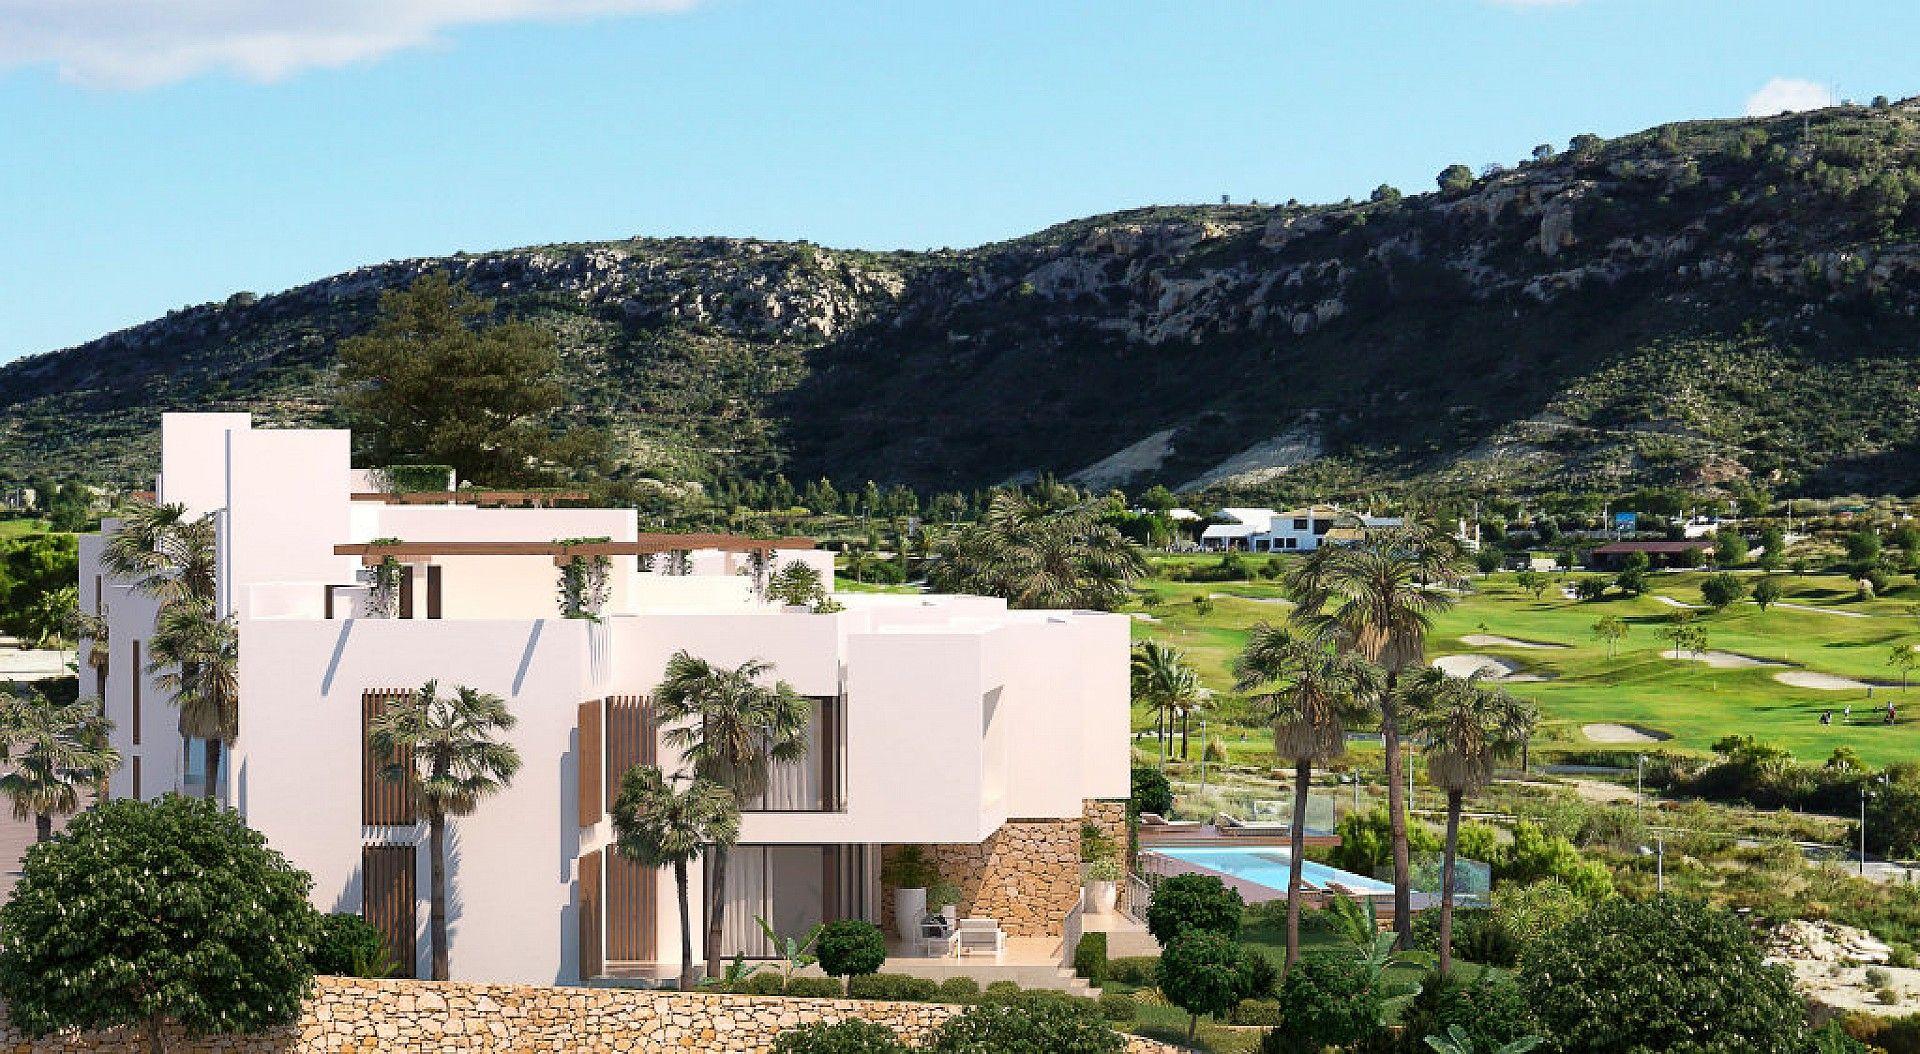 w_nieuwbouw-appartement-te-koop-golf-alicante-montforte-costa-blanca-spanje-golfview-013.jpg